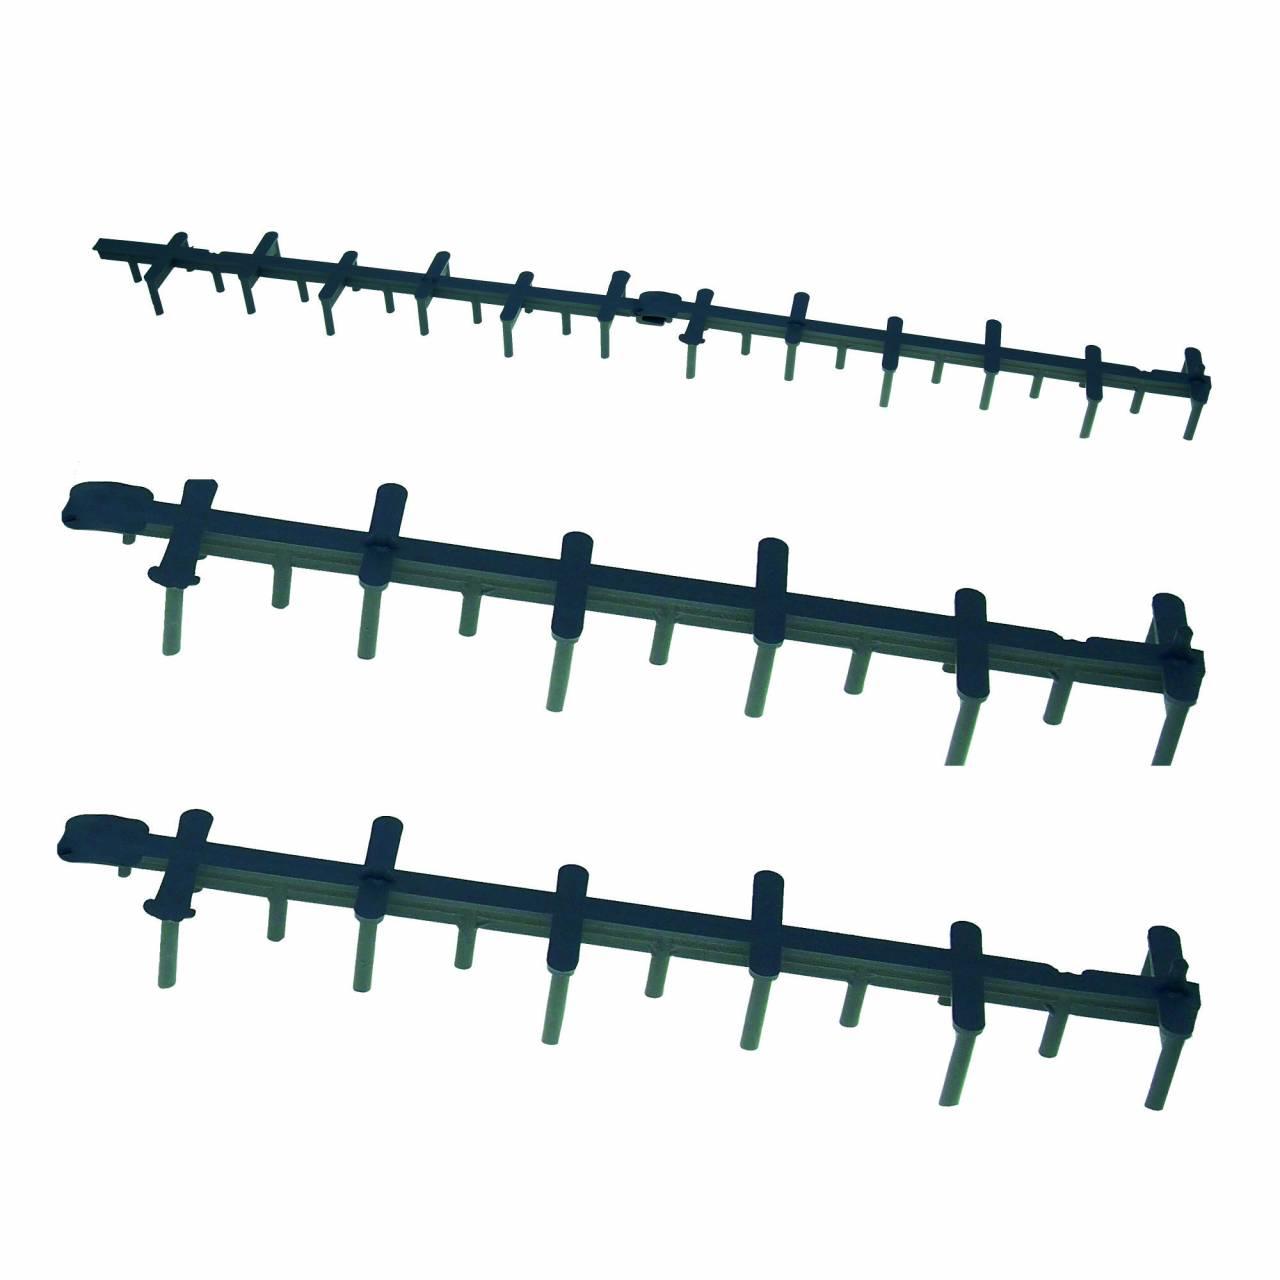 Stilett-15 / KST-Flächenabstandhalter 1,0 m / Krt a 12 Bund x 20 Stück